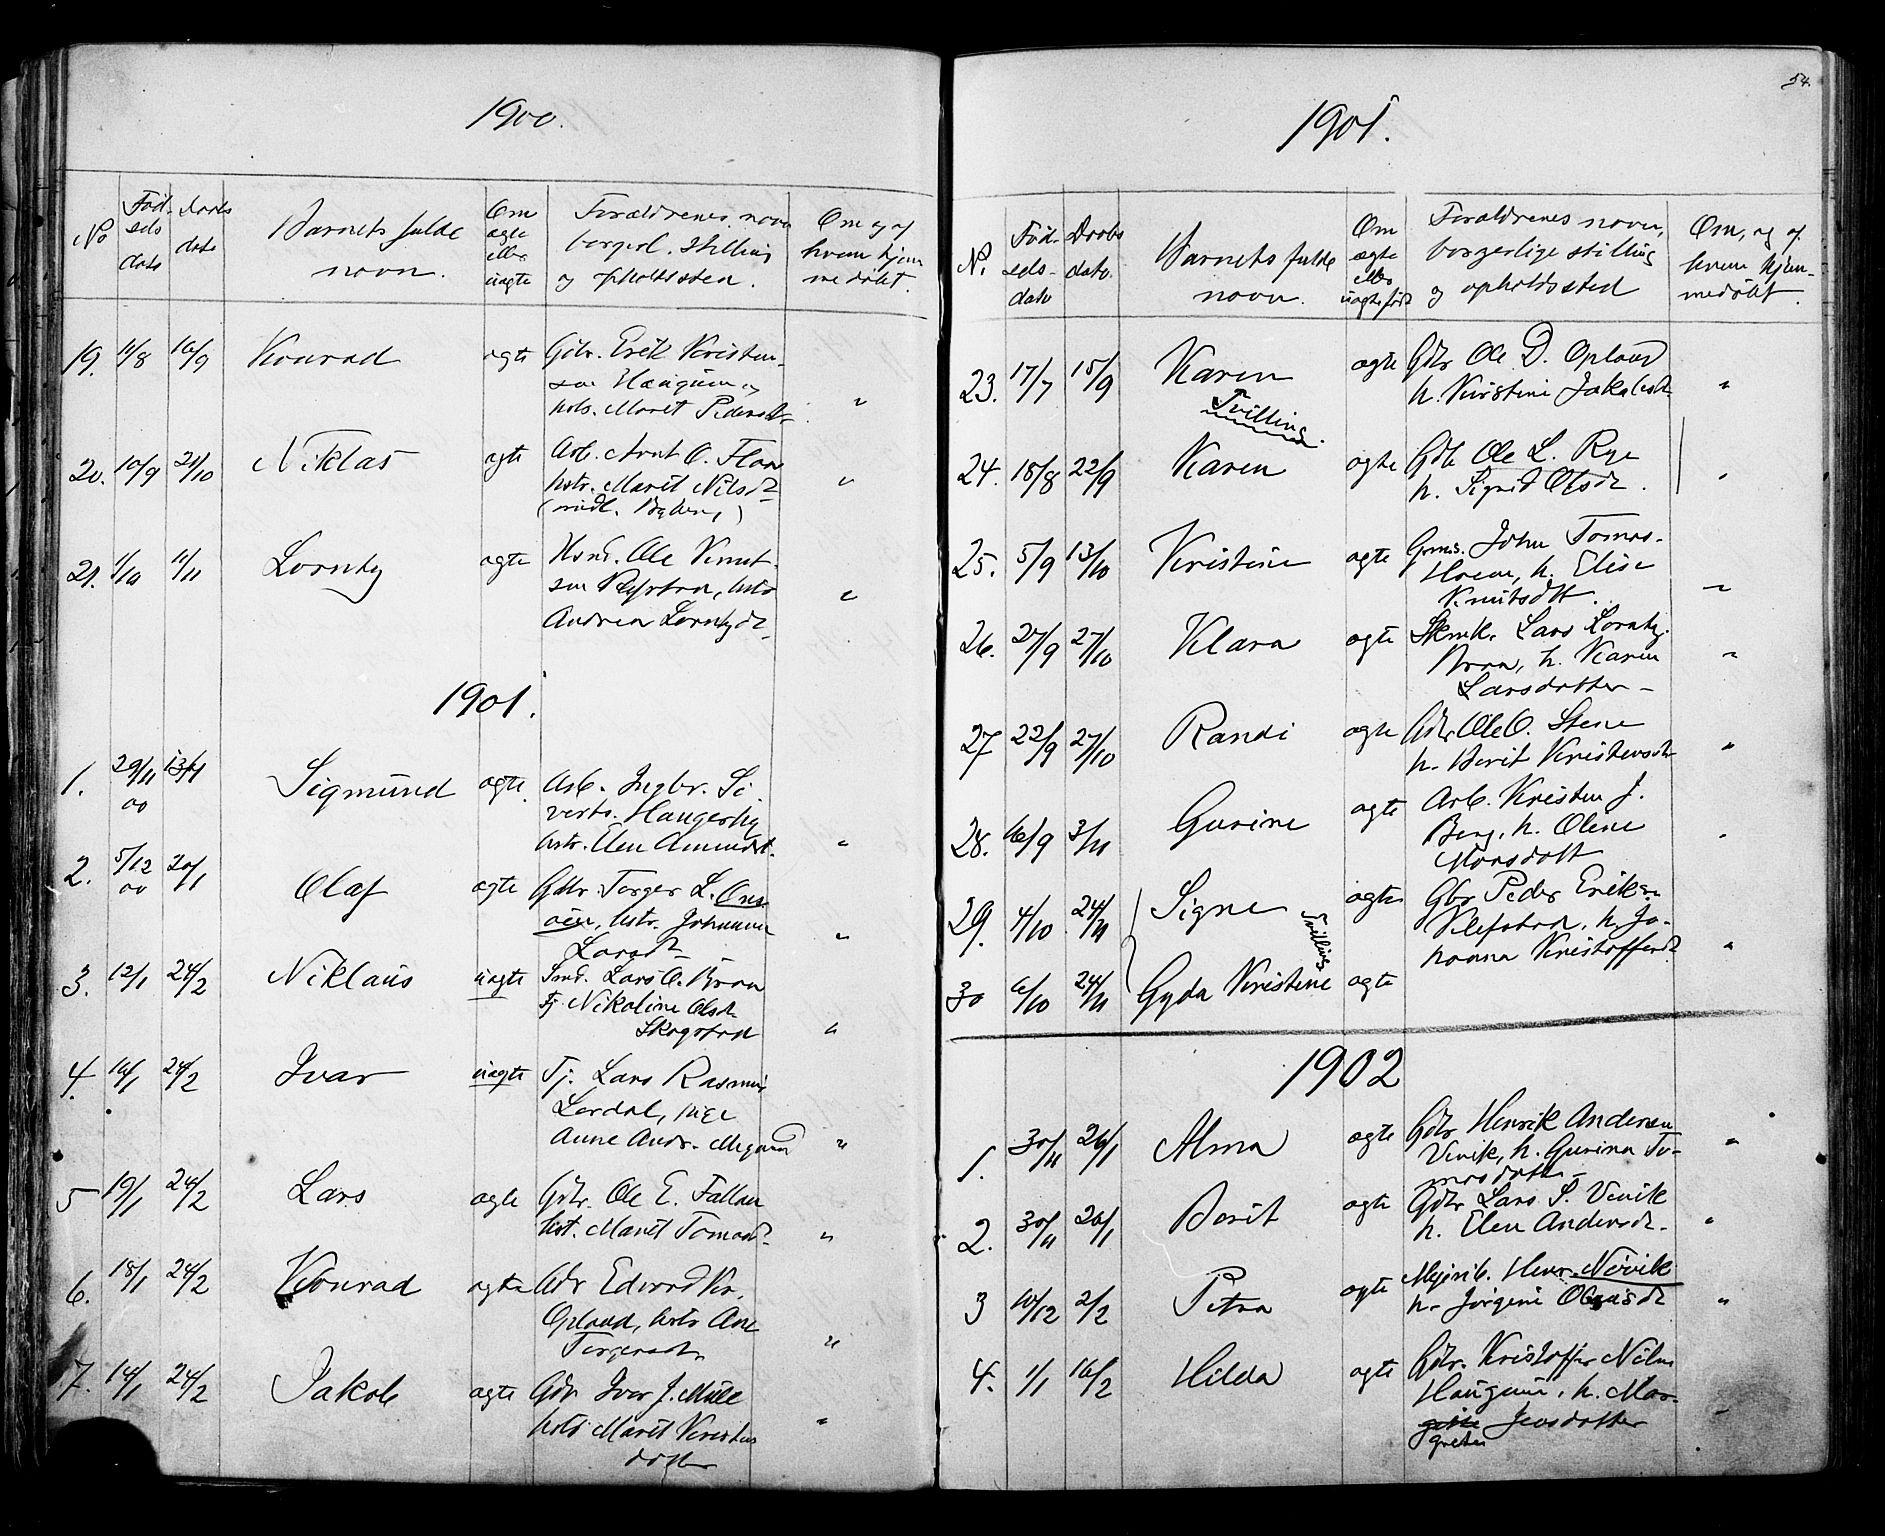 SAT, Ministerialprotokoller, klokkerbøker og fødselsregistre - Sør-Trøndelag, 612/L0387: Klokkerbok nr. 612C03, 1874-1908, s. 54